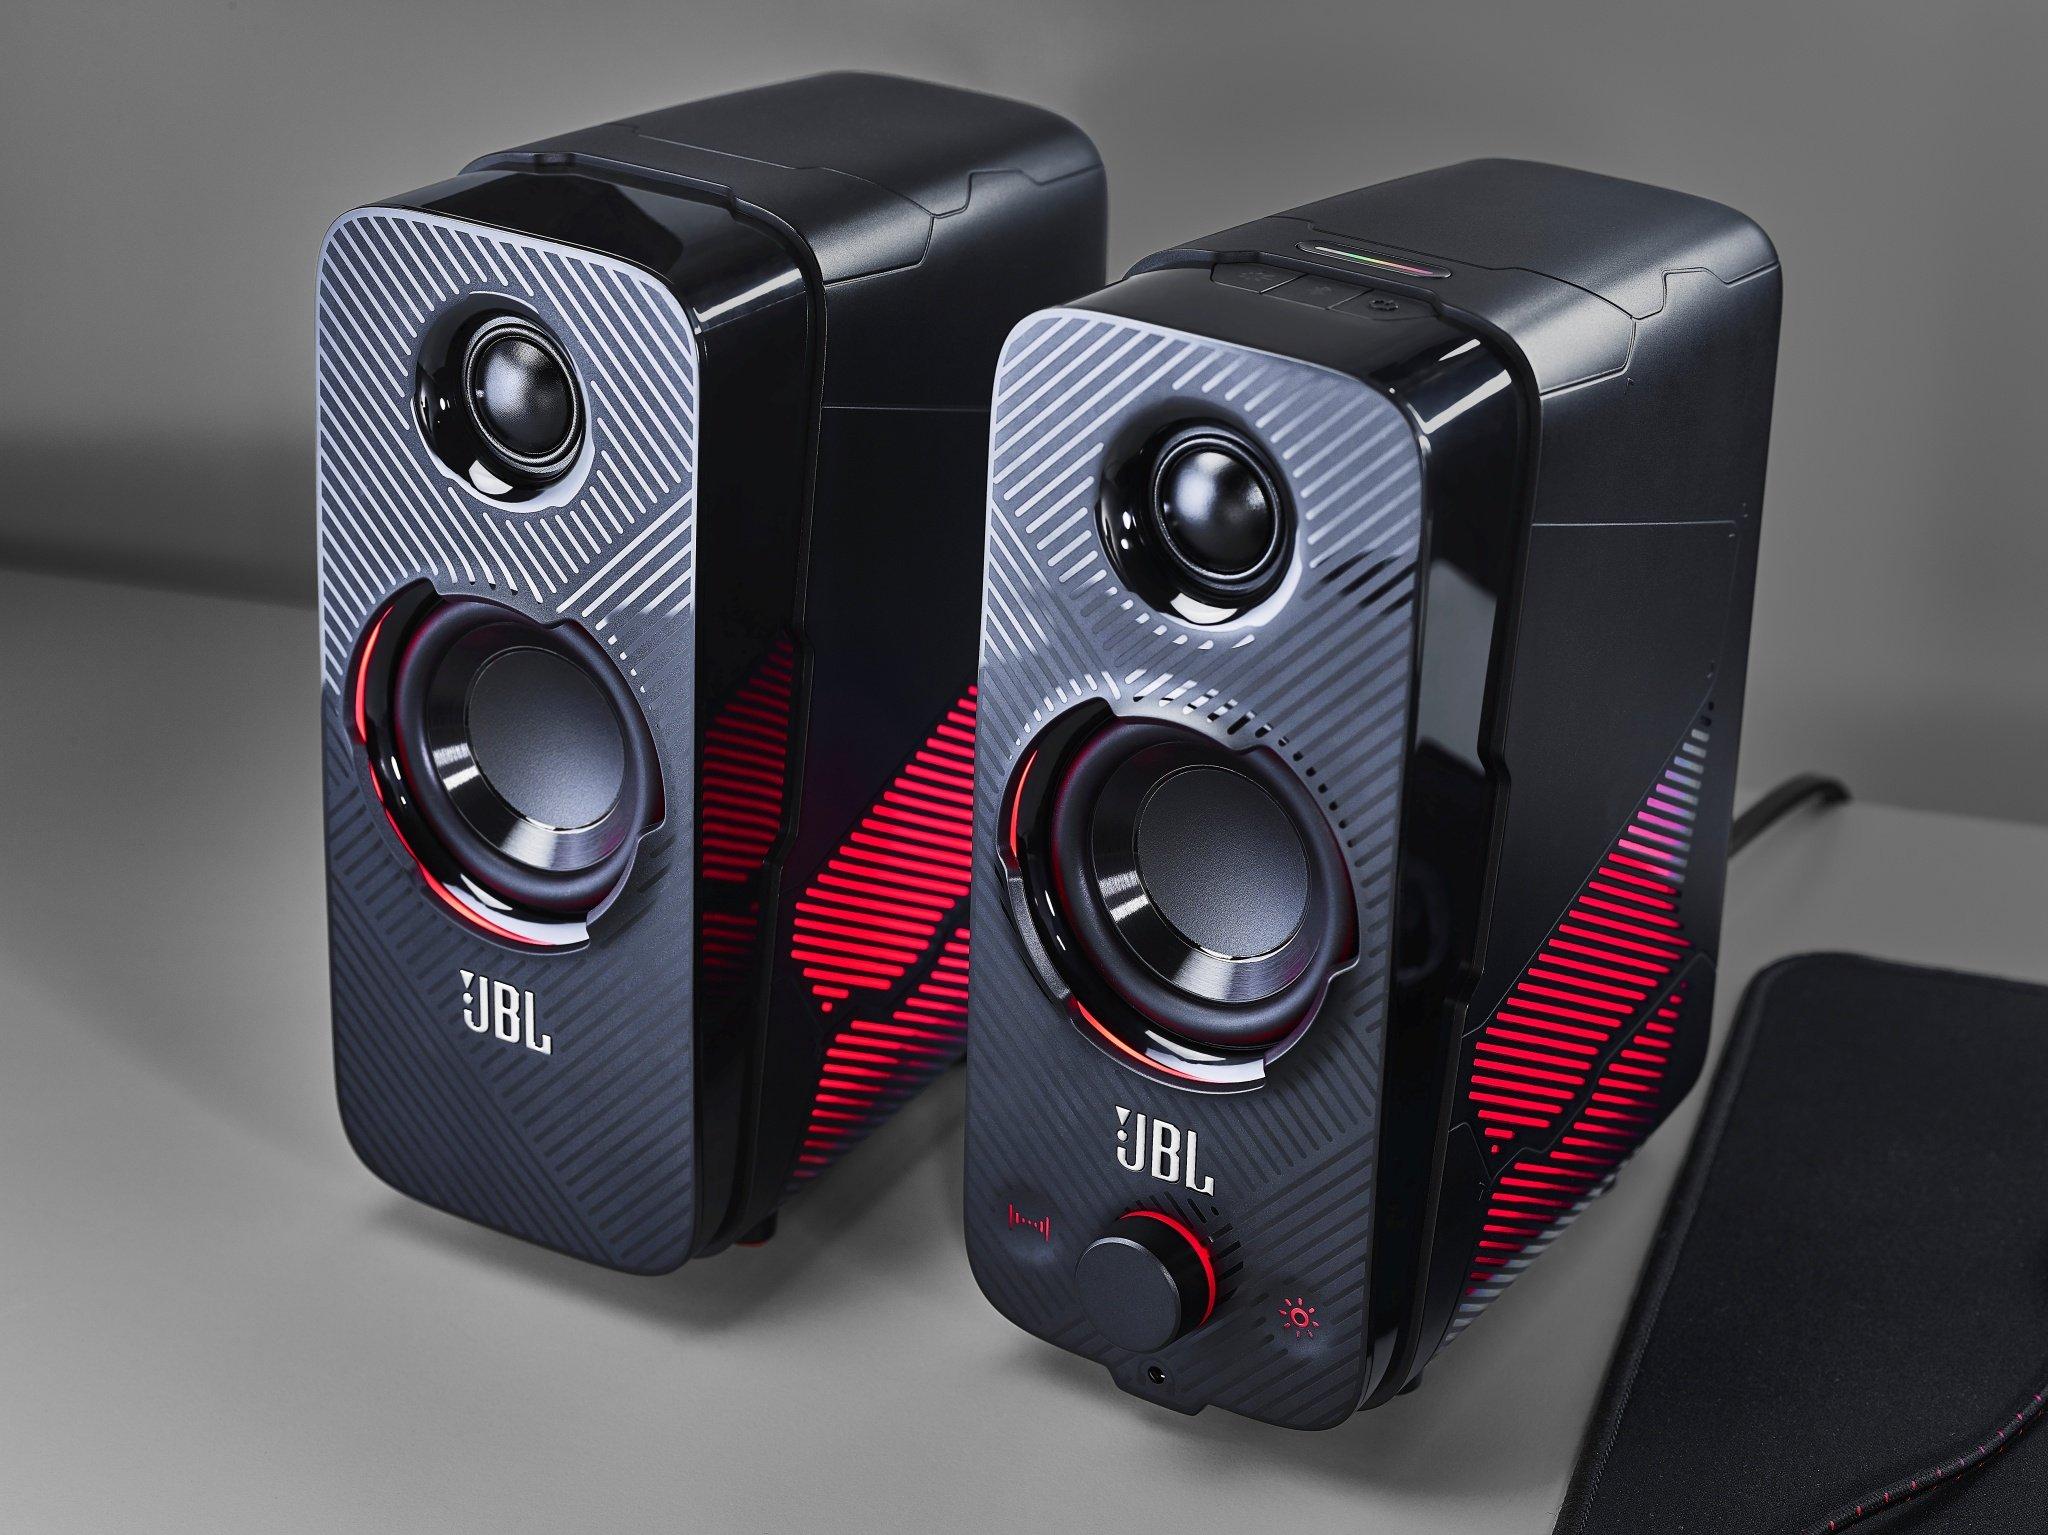 Loa JBL Quantum Duo 2.0 LED RGB cho bạn thưởng thức âm thanh tuyệt vời